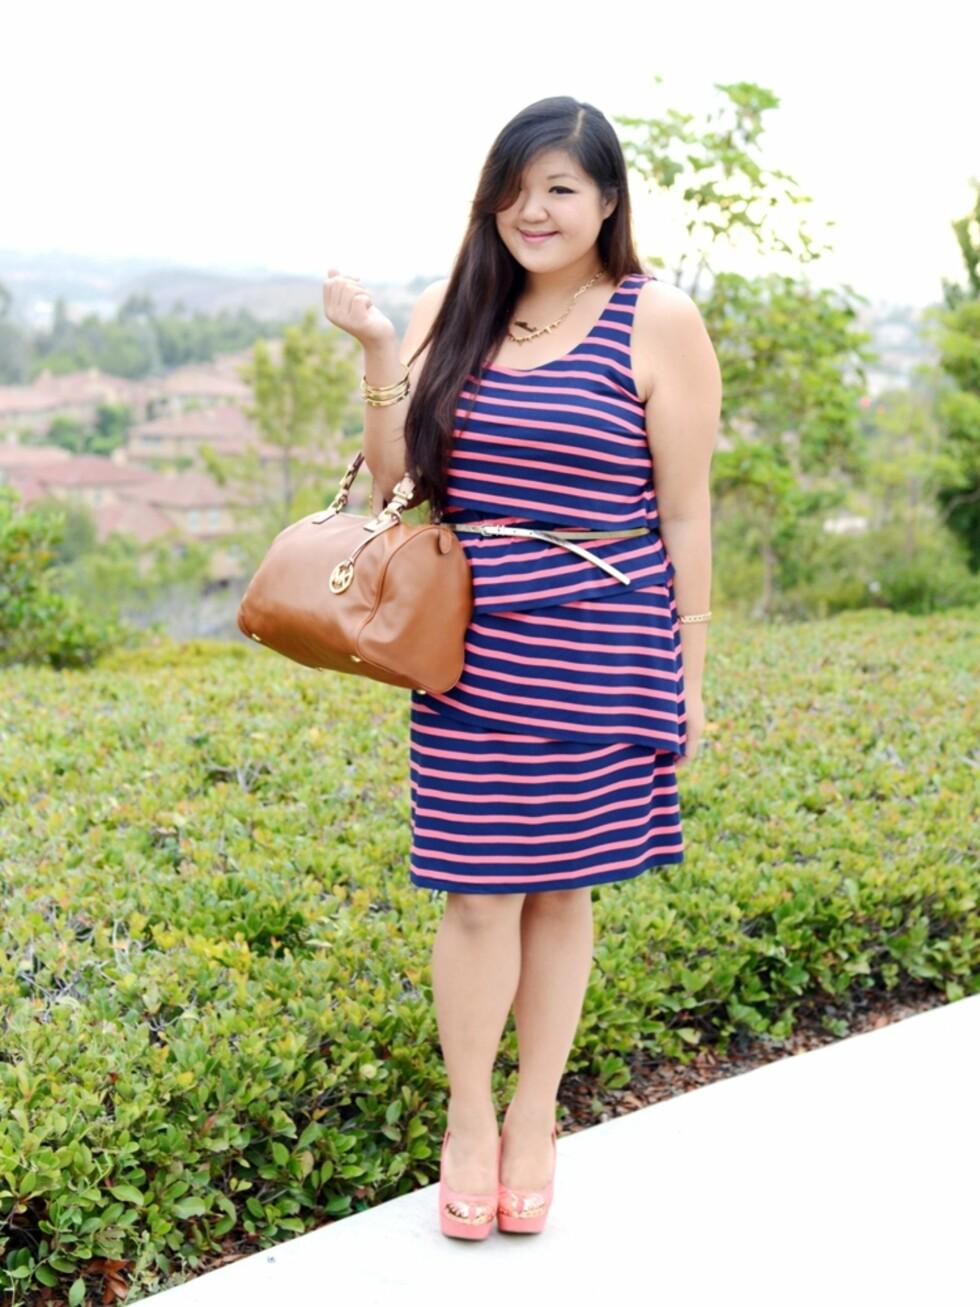 LADYLIKE: Allison liker å kle seg elegant, og elsker fine detaljer som smykker, sko og vesker. Foto: Curvy Girl Chic